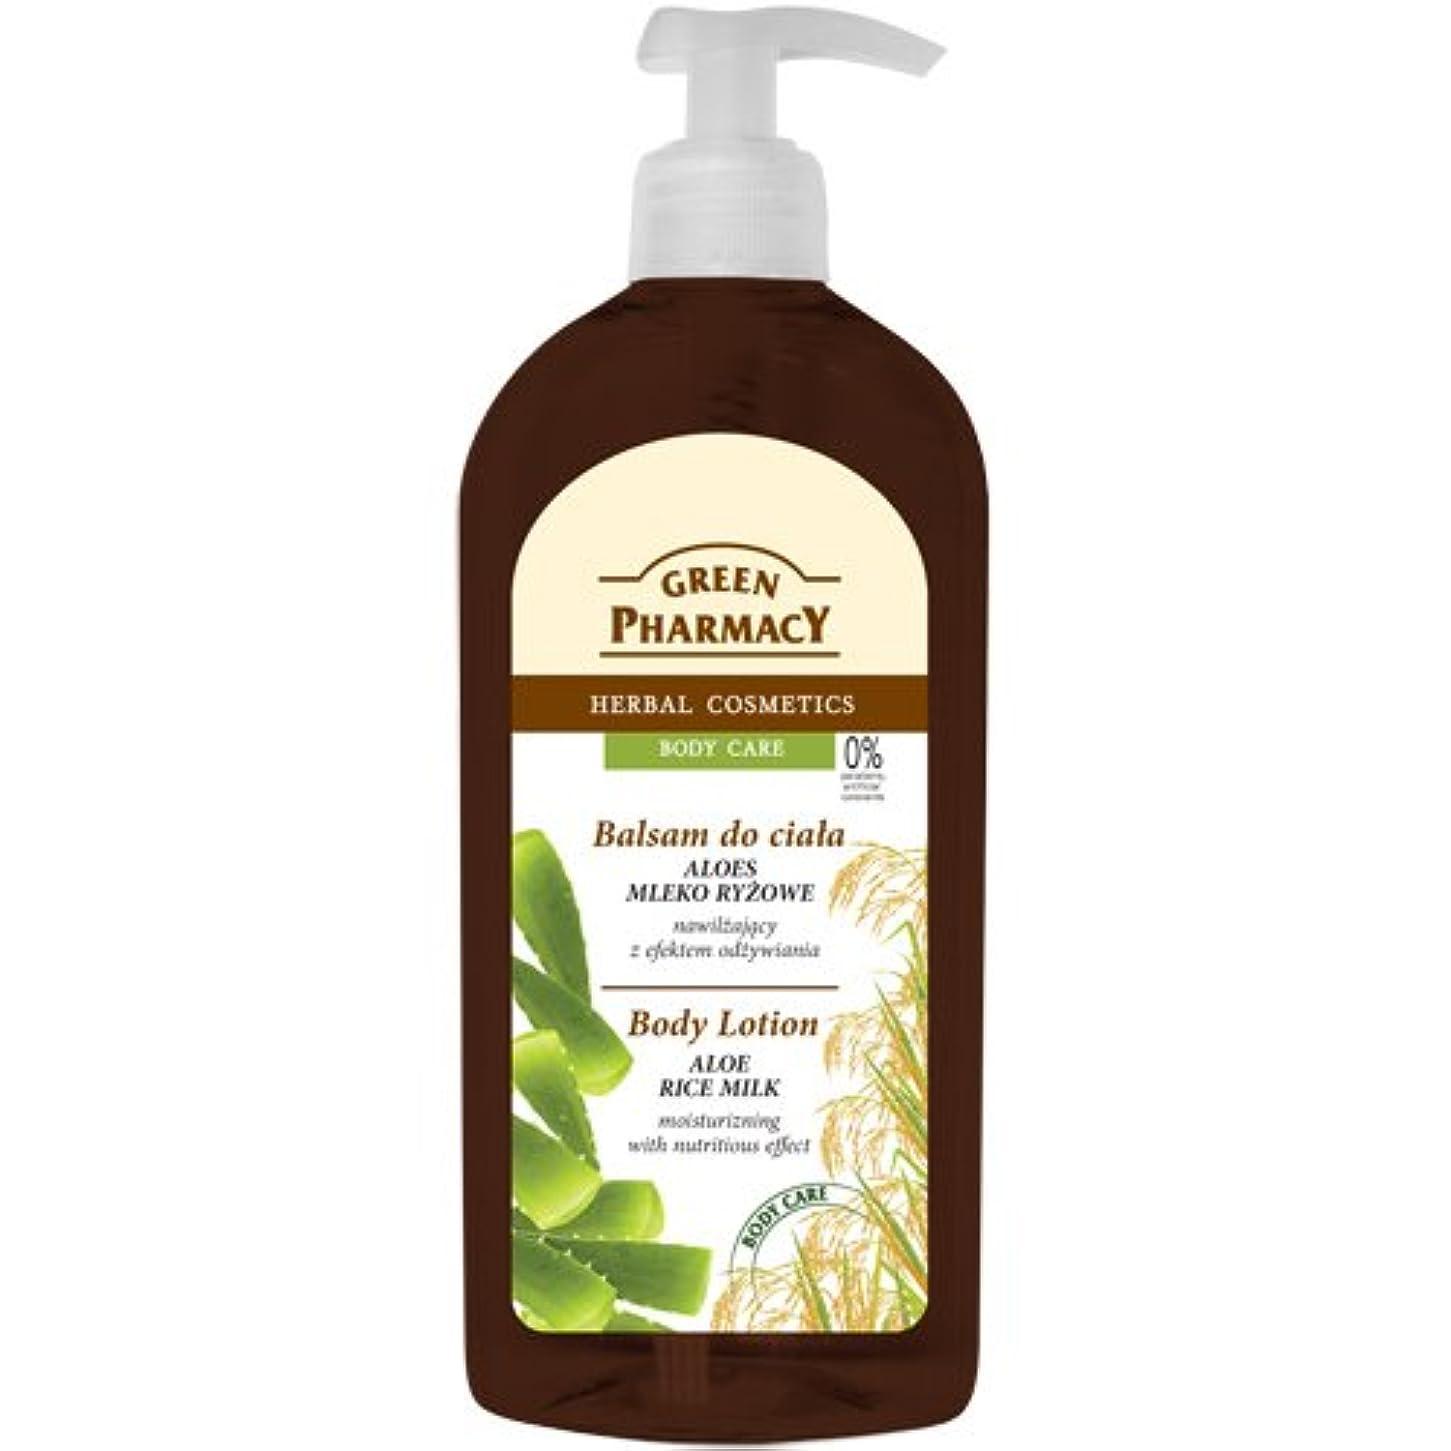 問い合わせ乳剤カスケードElfa Pharm Green Pharmacy グリーンファーマシー Body Lotion ボディローション Aloe Ricemilk